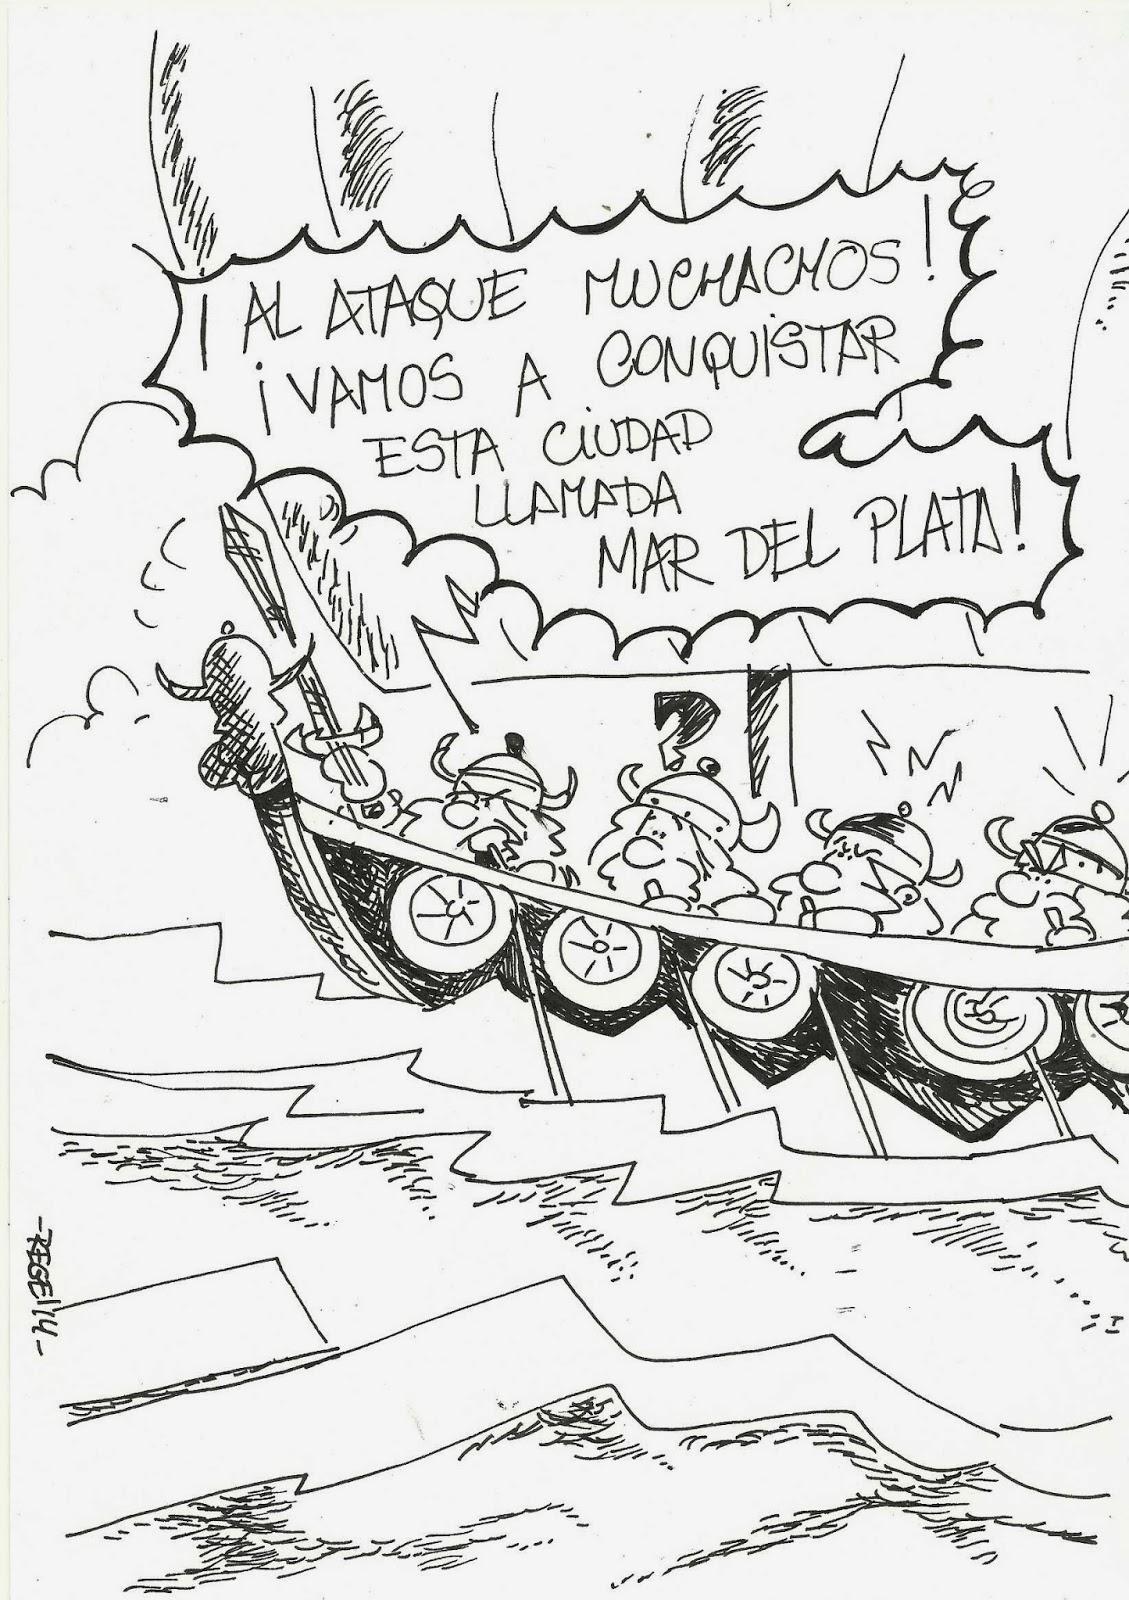 Humor en juego de tronos e histórico - Página 4 VIKINGOS